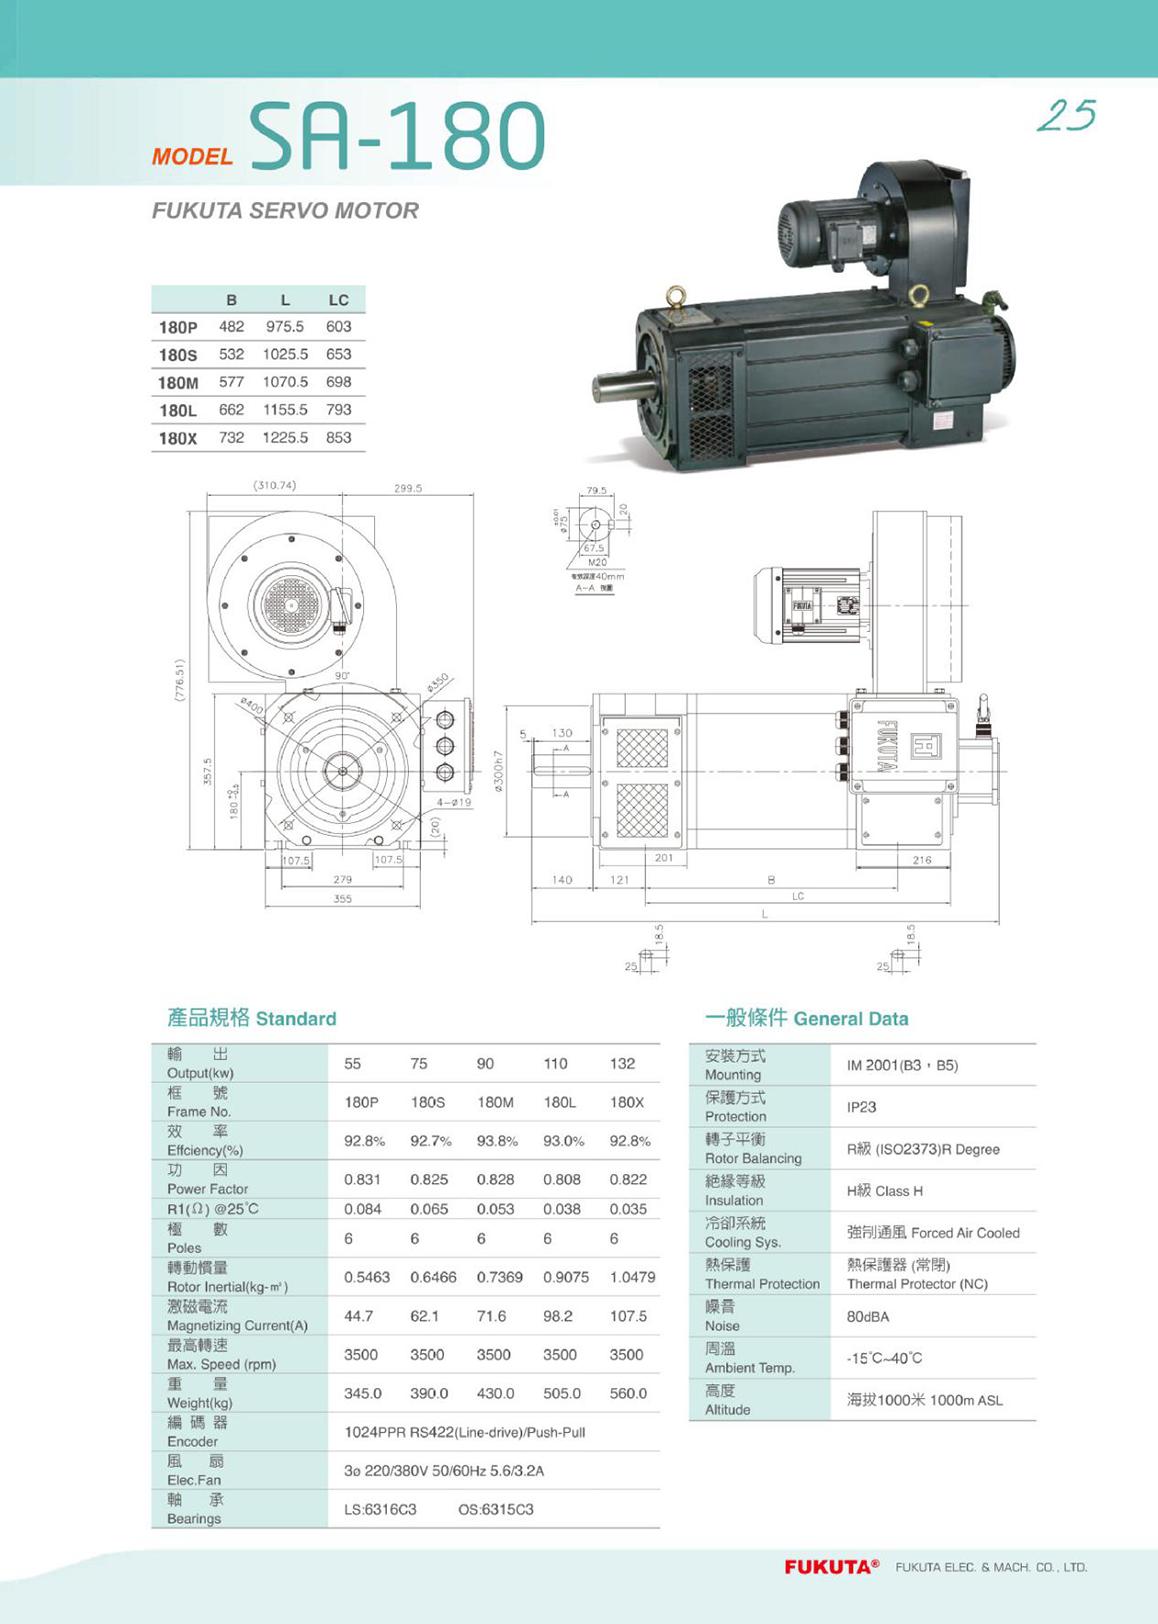 台湾进口电机 三相异步电机 调速电机220v 7.5kw电机